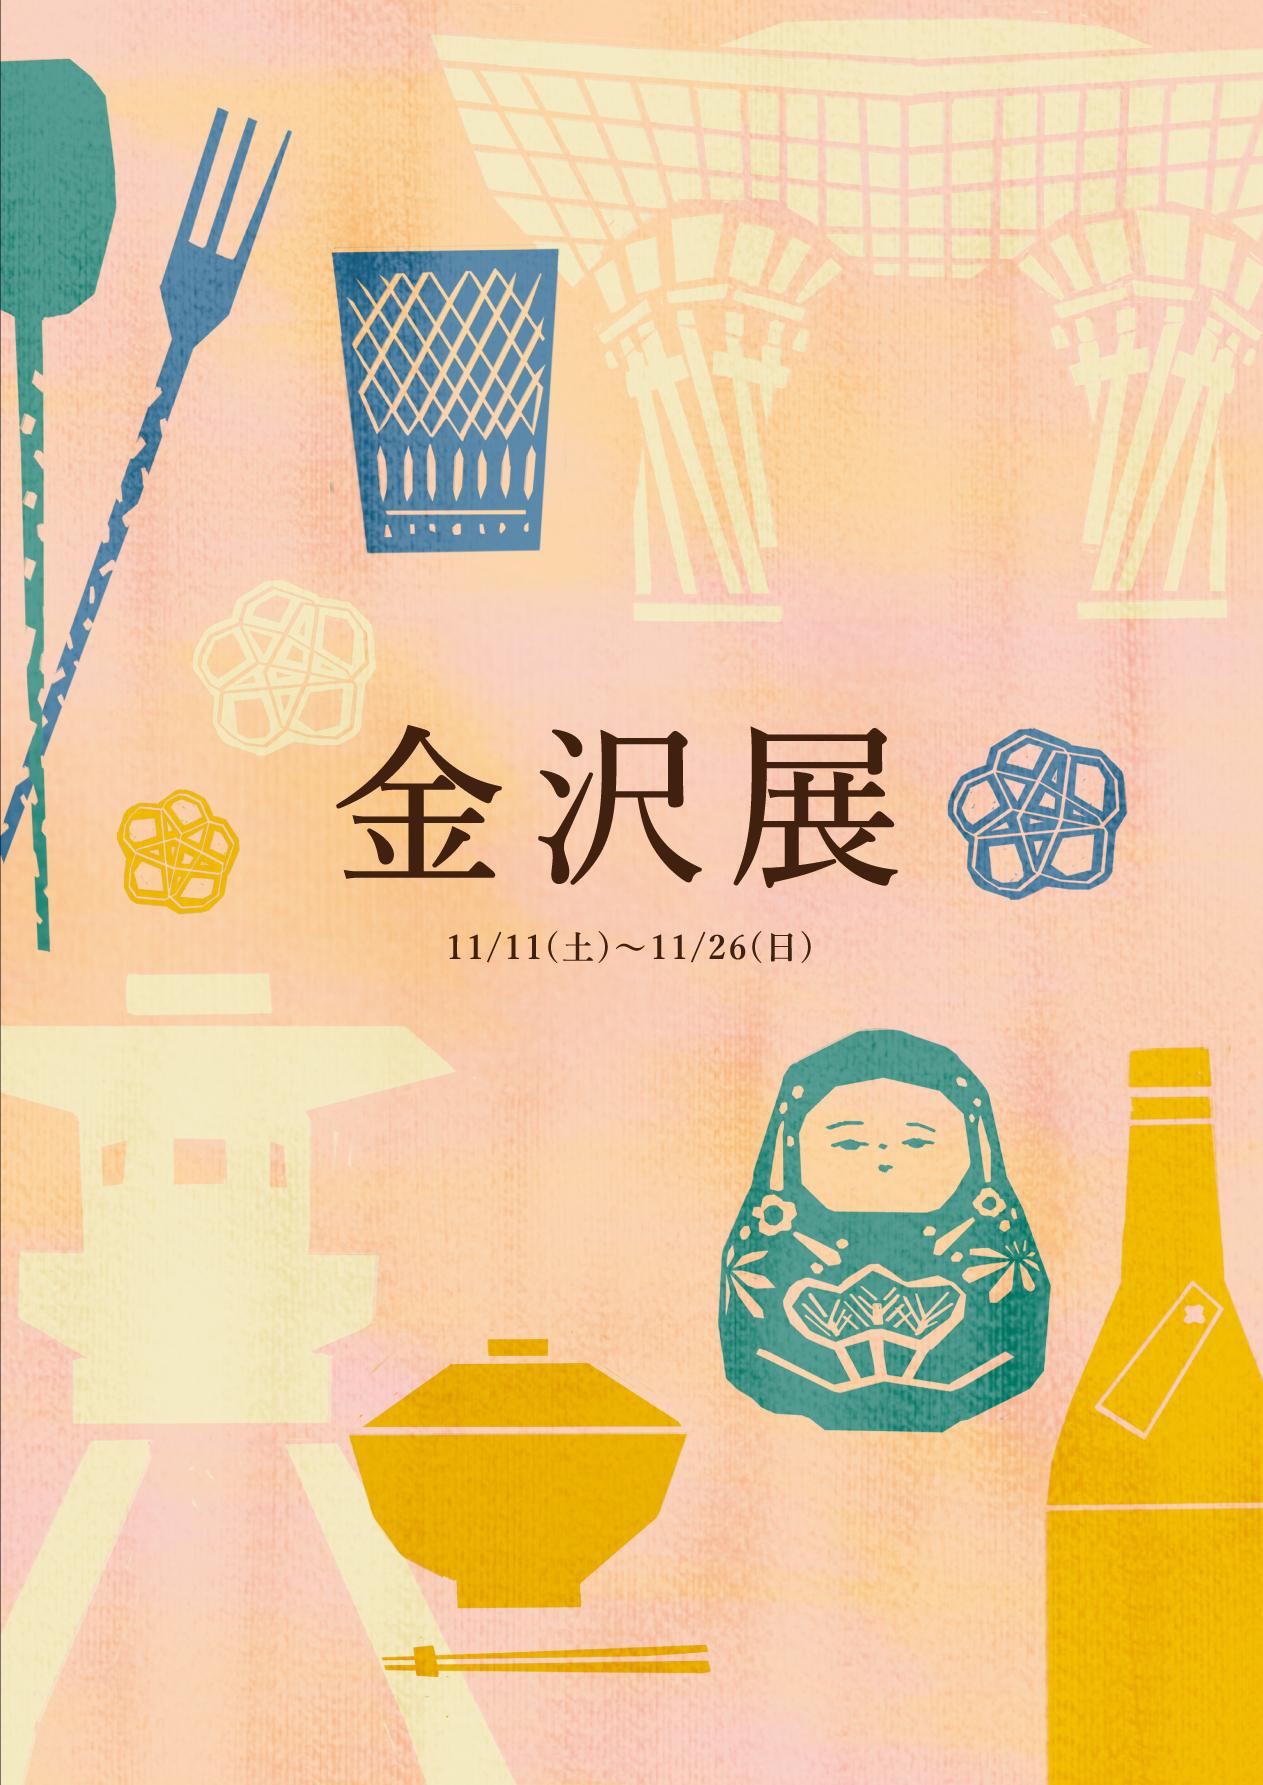 http://www.schule.jp/news/kanazawa_dm.jpg